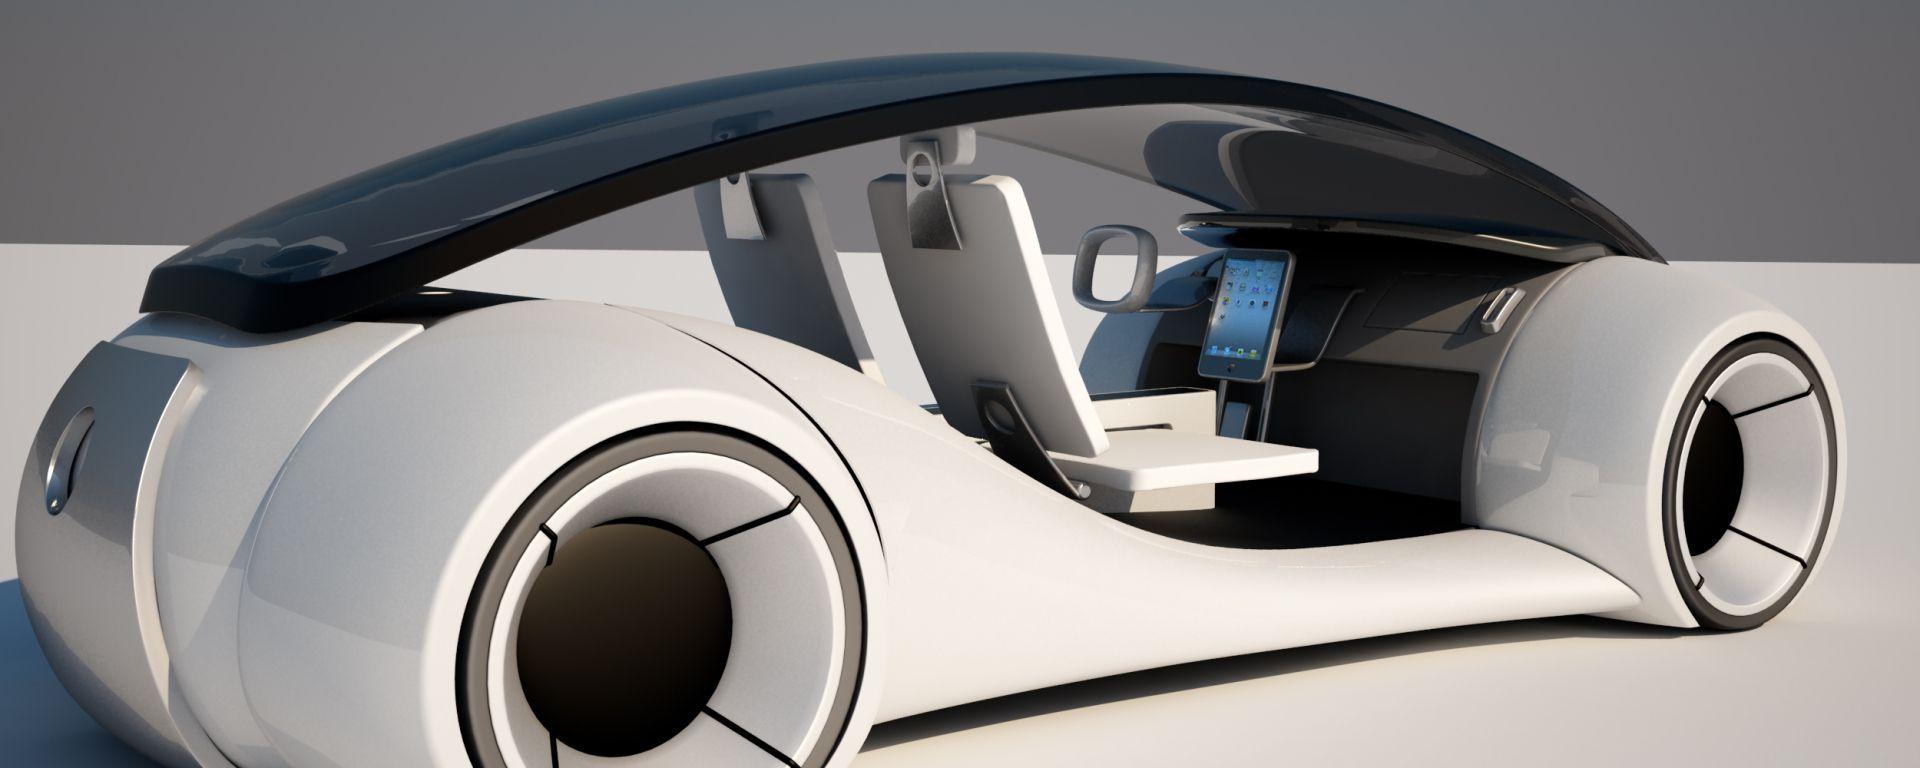 carro del futuro | guatemlalandia | Pinterest | Carros del futuro ...